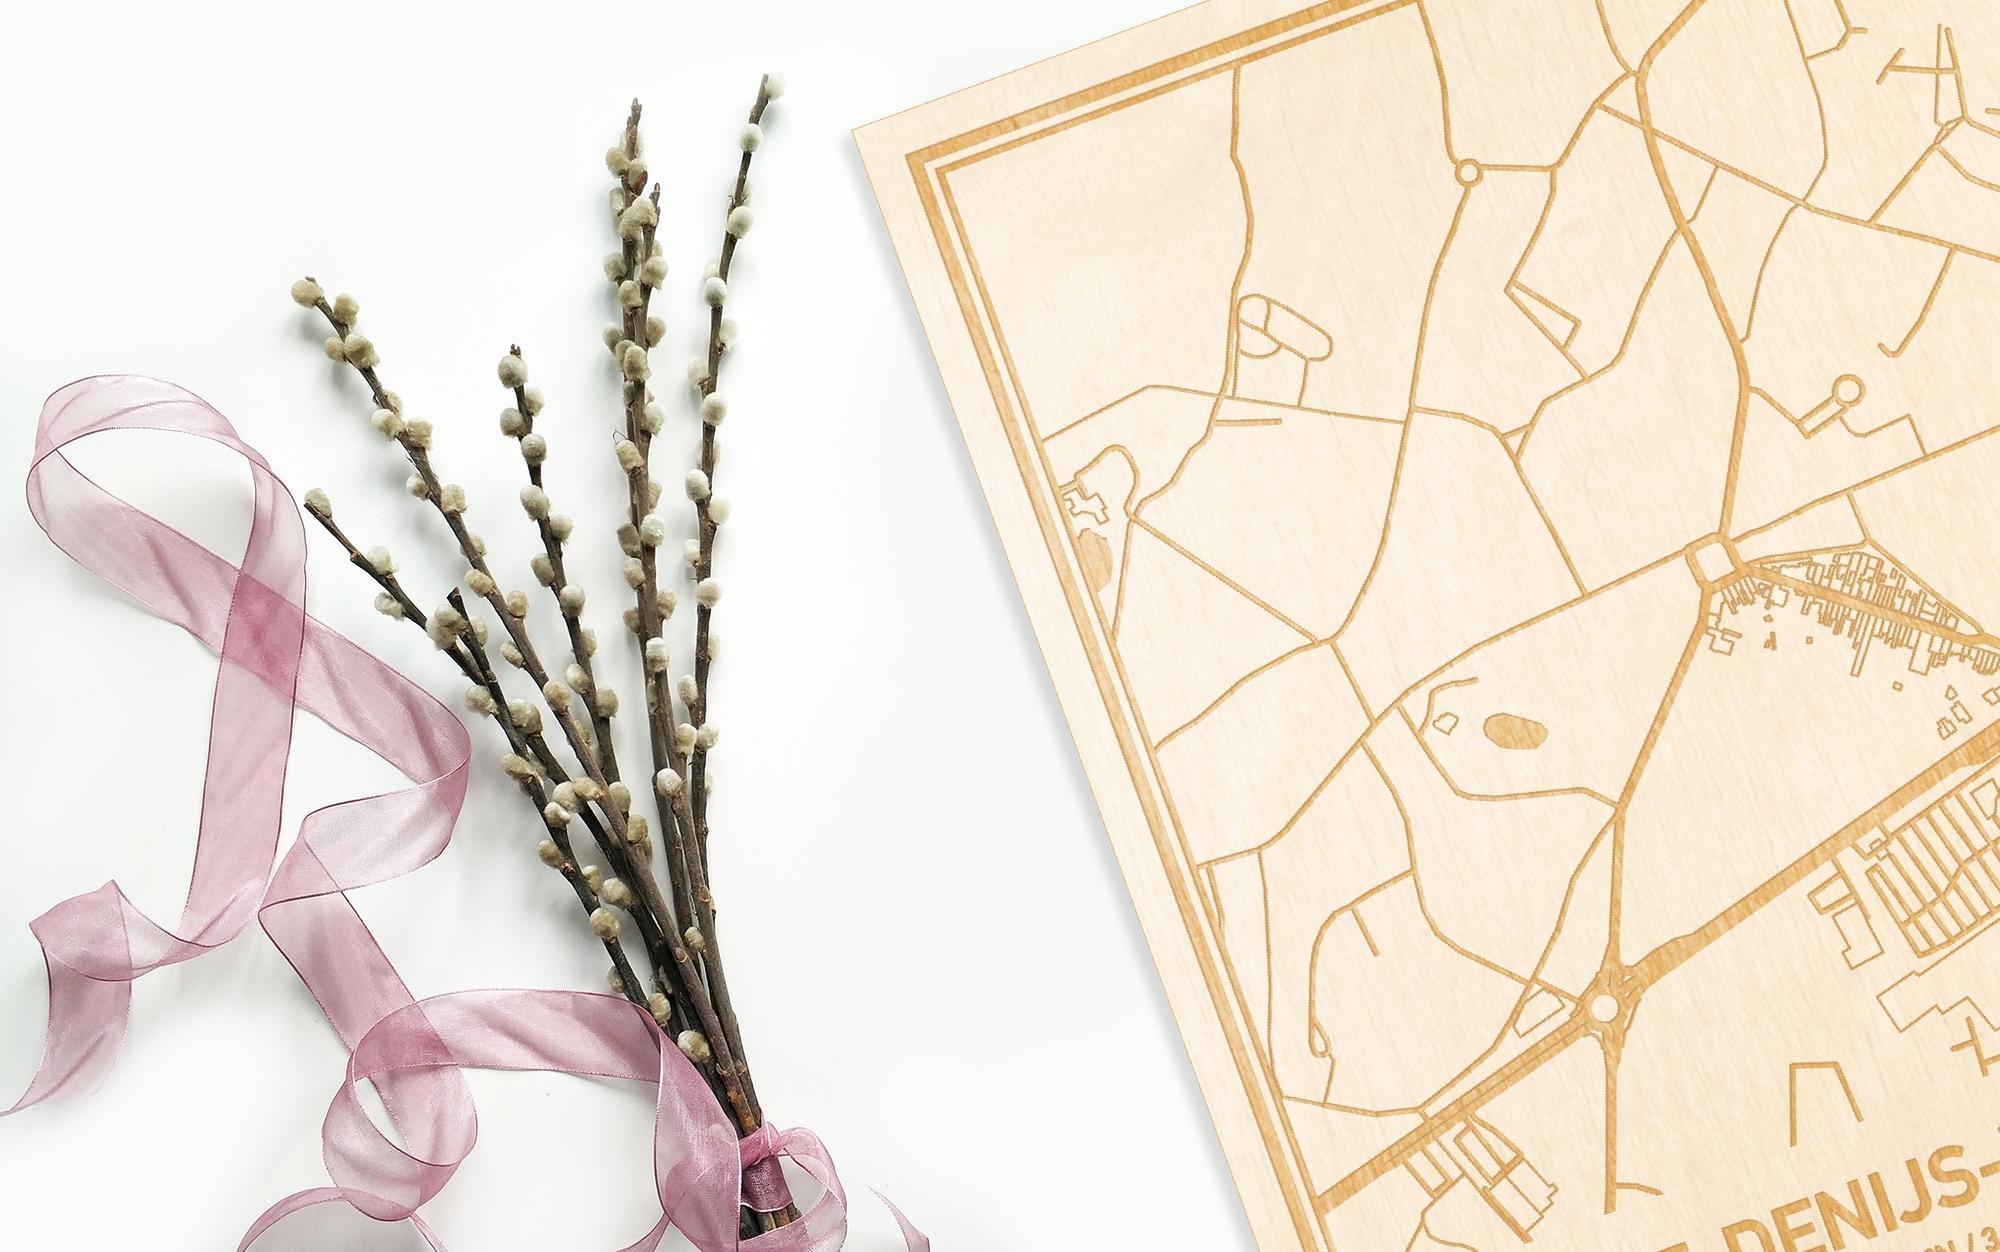 Hier ligt de houten plattegrond Sint-Denijs-Westrem naast een bloemetje als gepersonaliseerd cadeau voor haar.